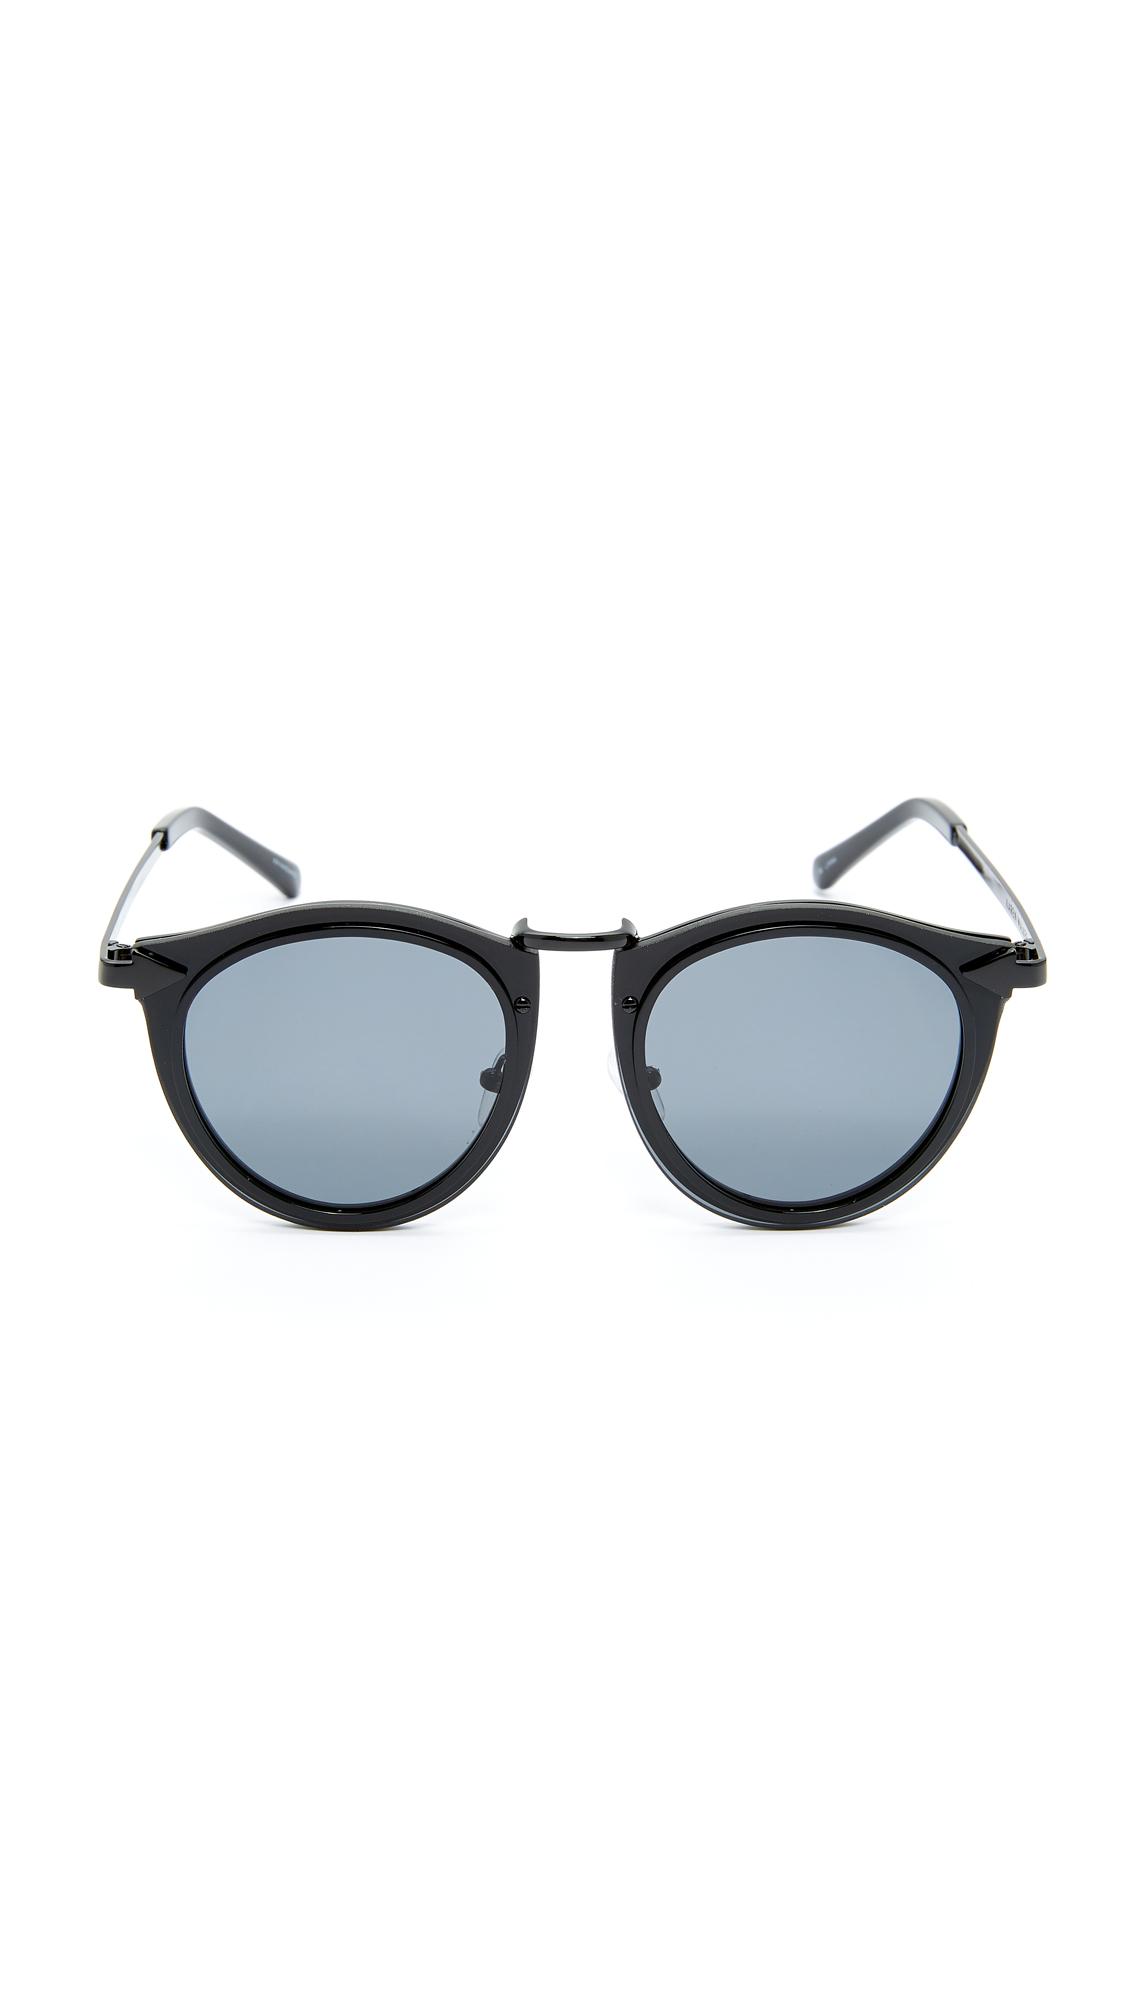 800e9d496c0 Karen Walker Superstars Solar Harvest Sunglasses